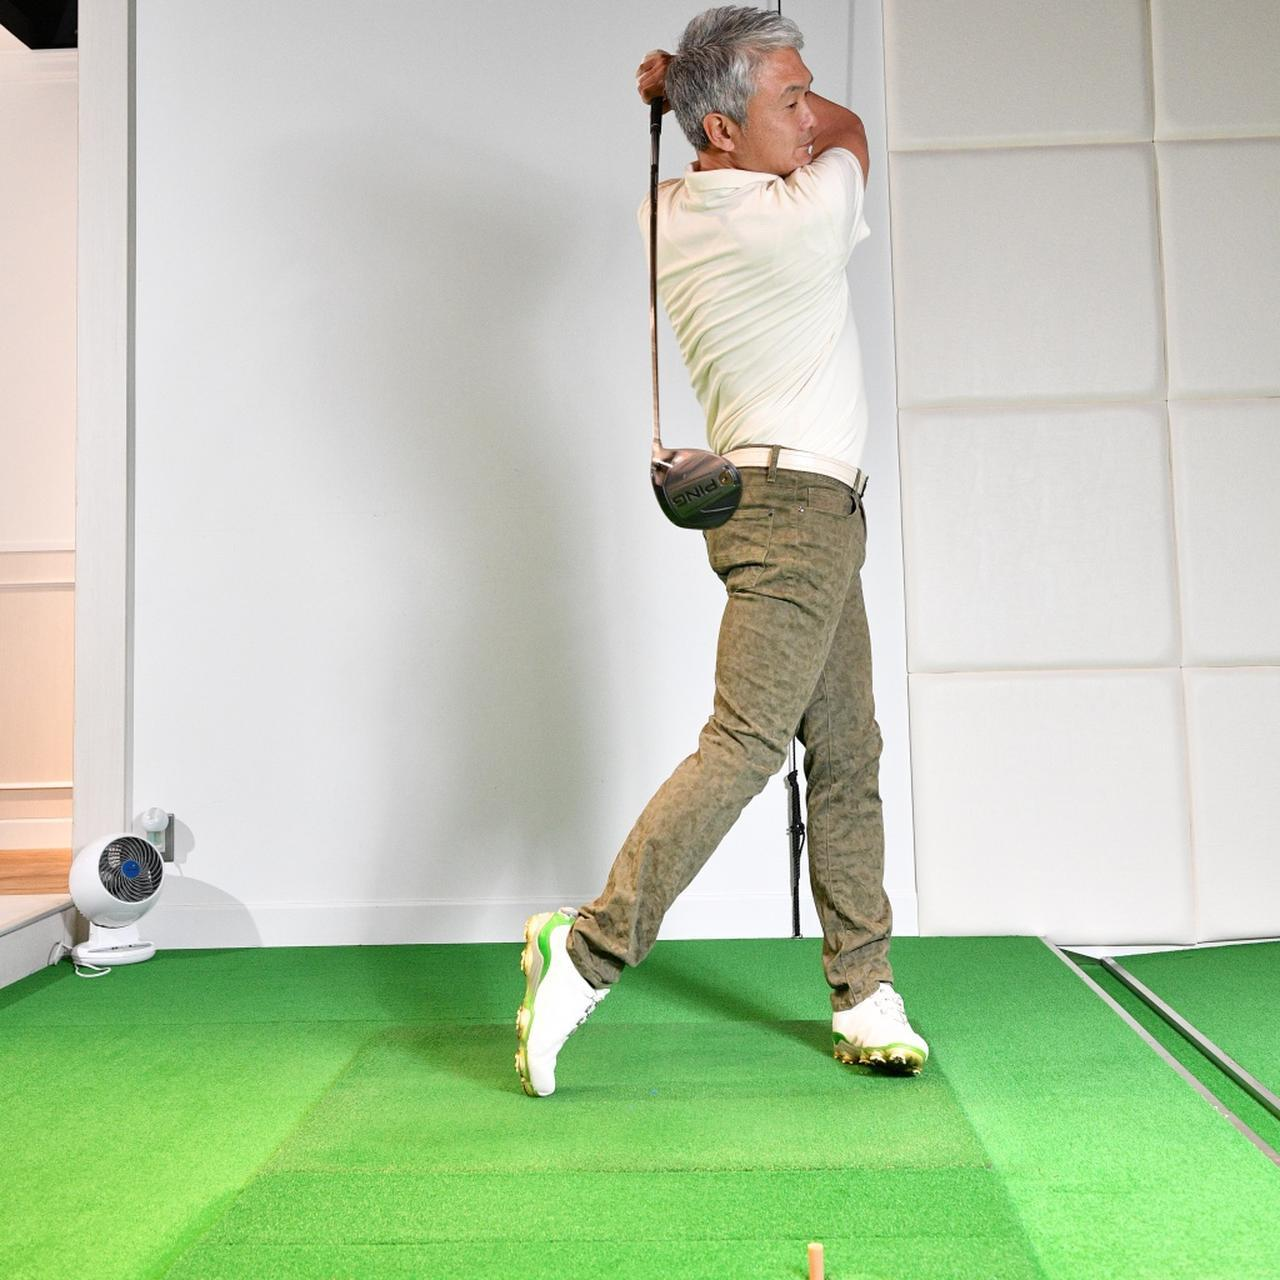 画像5: 【ドライバー】出球が安定しないのは「胸の向き」に問題アリ。腕と体の同調を直レッスン!